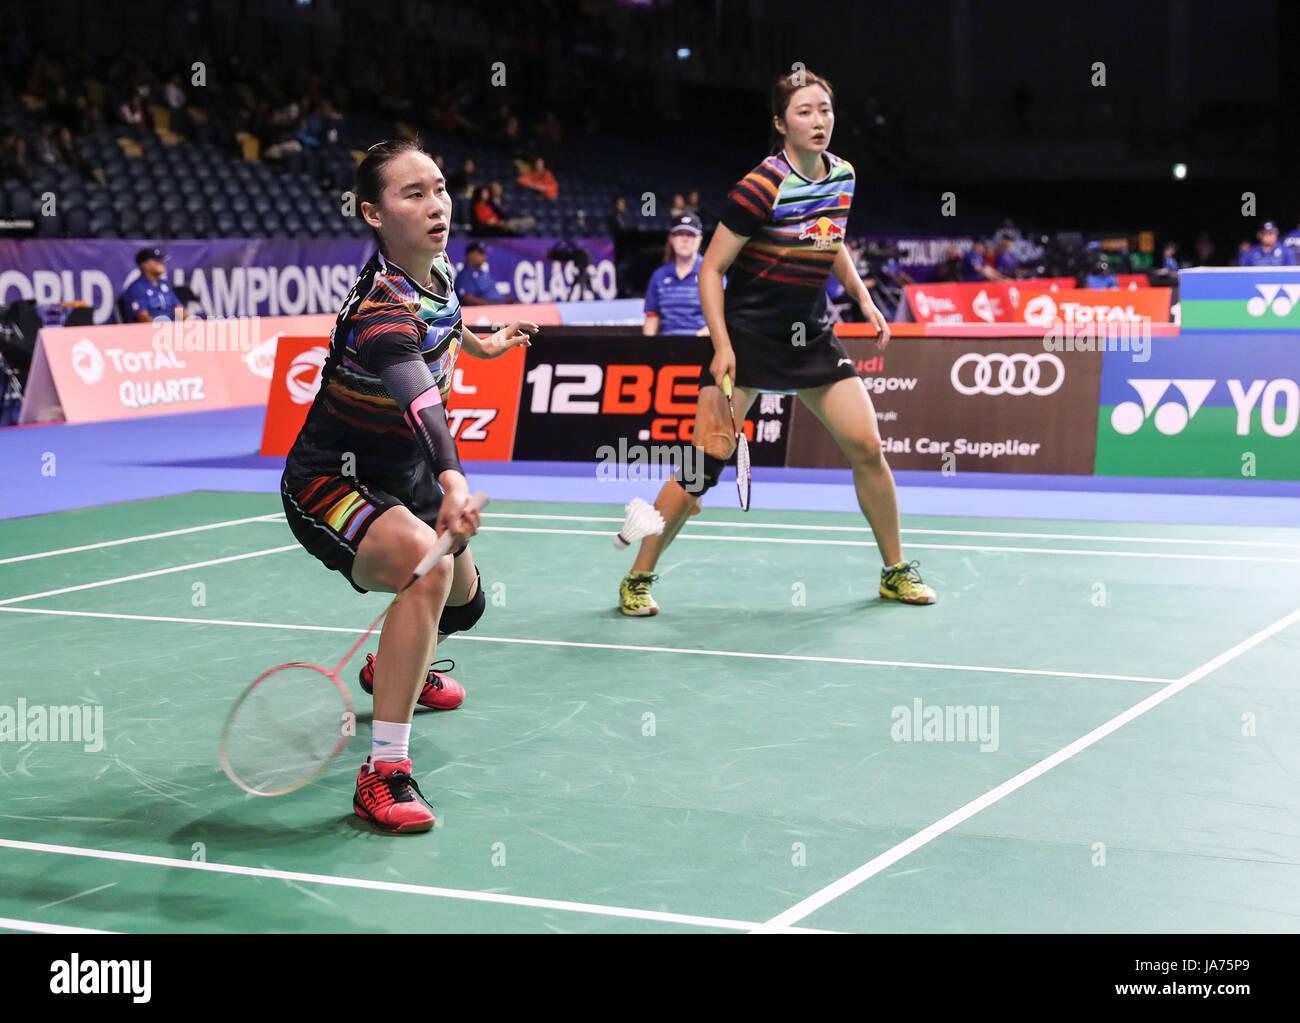 GLASGOW Aug 25 2017 Xinhua Bao Yixin L and Yu